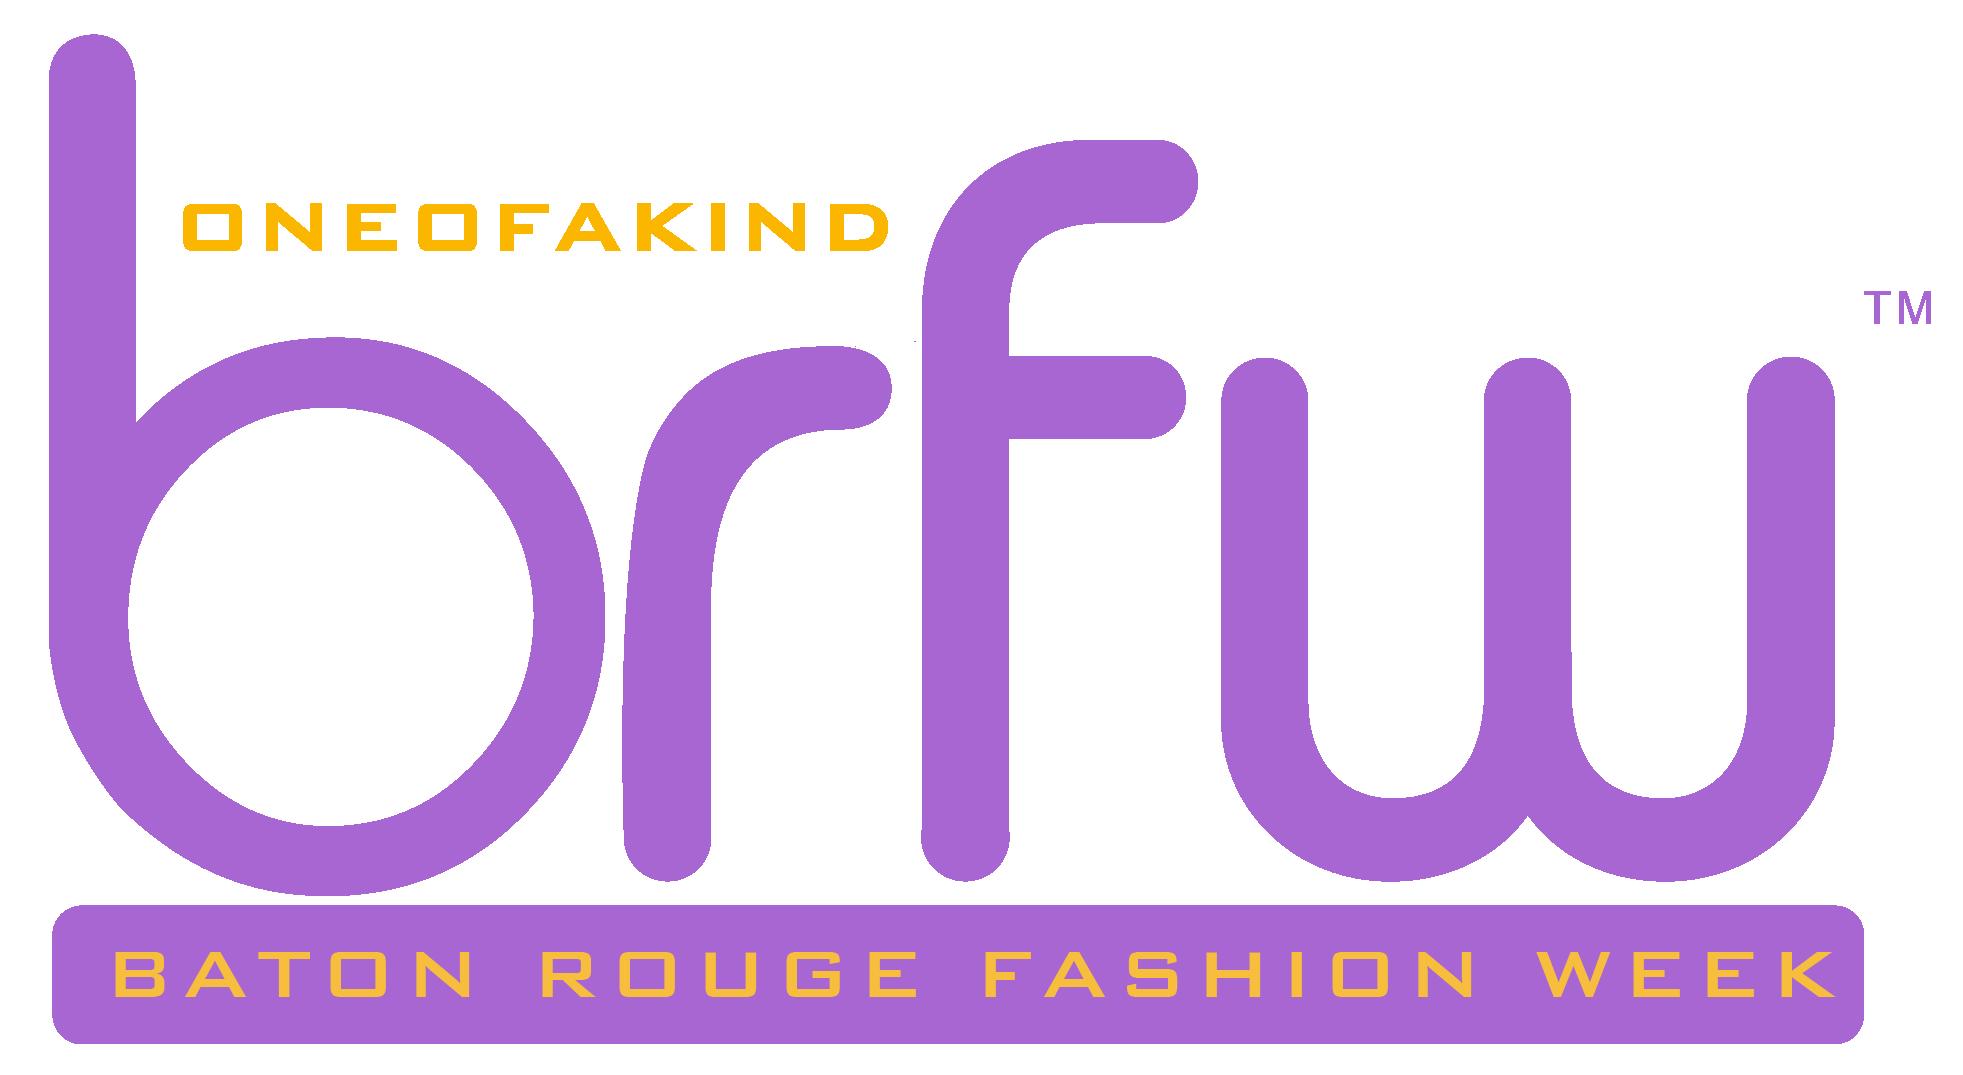 obrfw